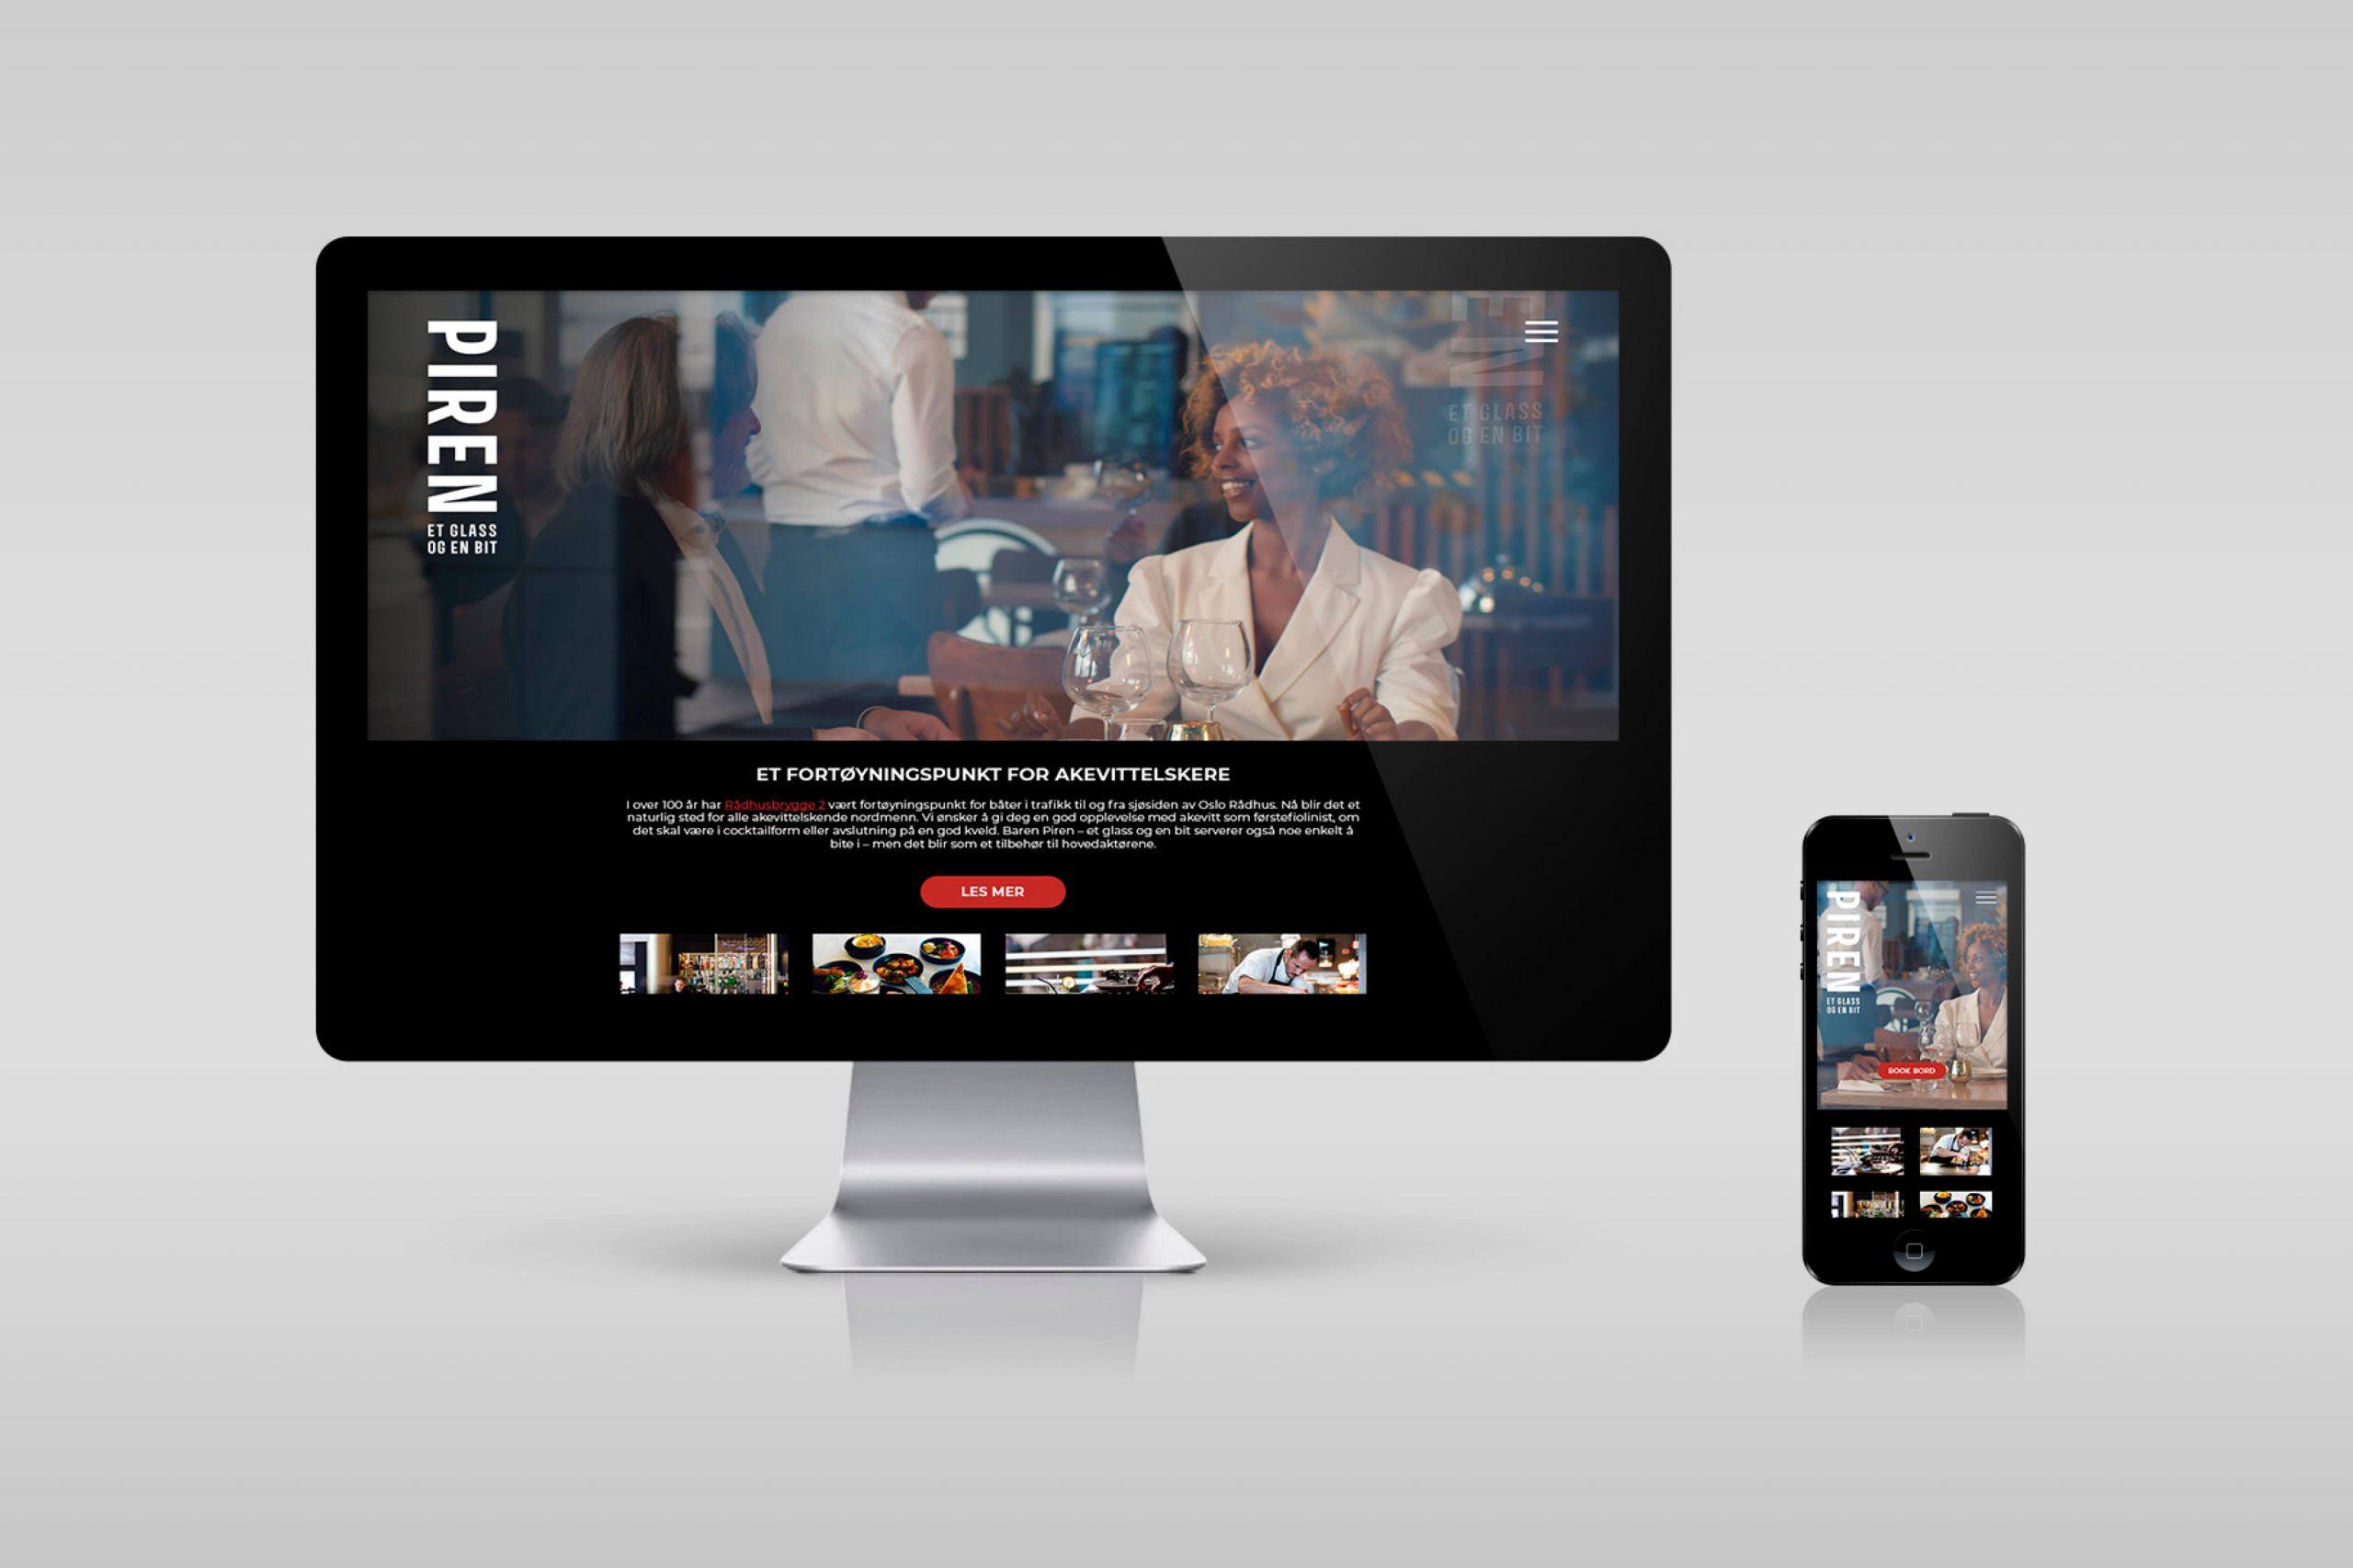 PIREN nettside vist på en MAC og Iphone